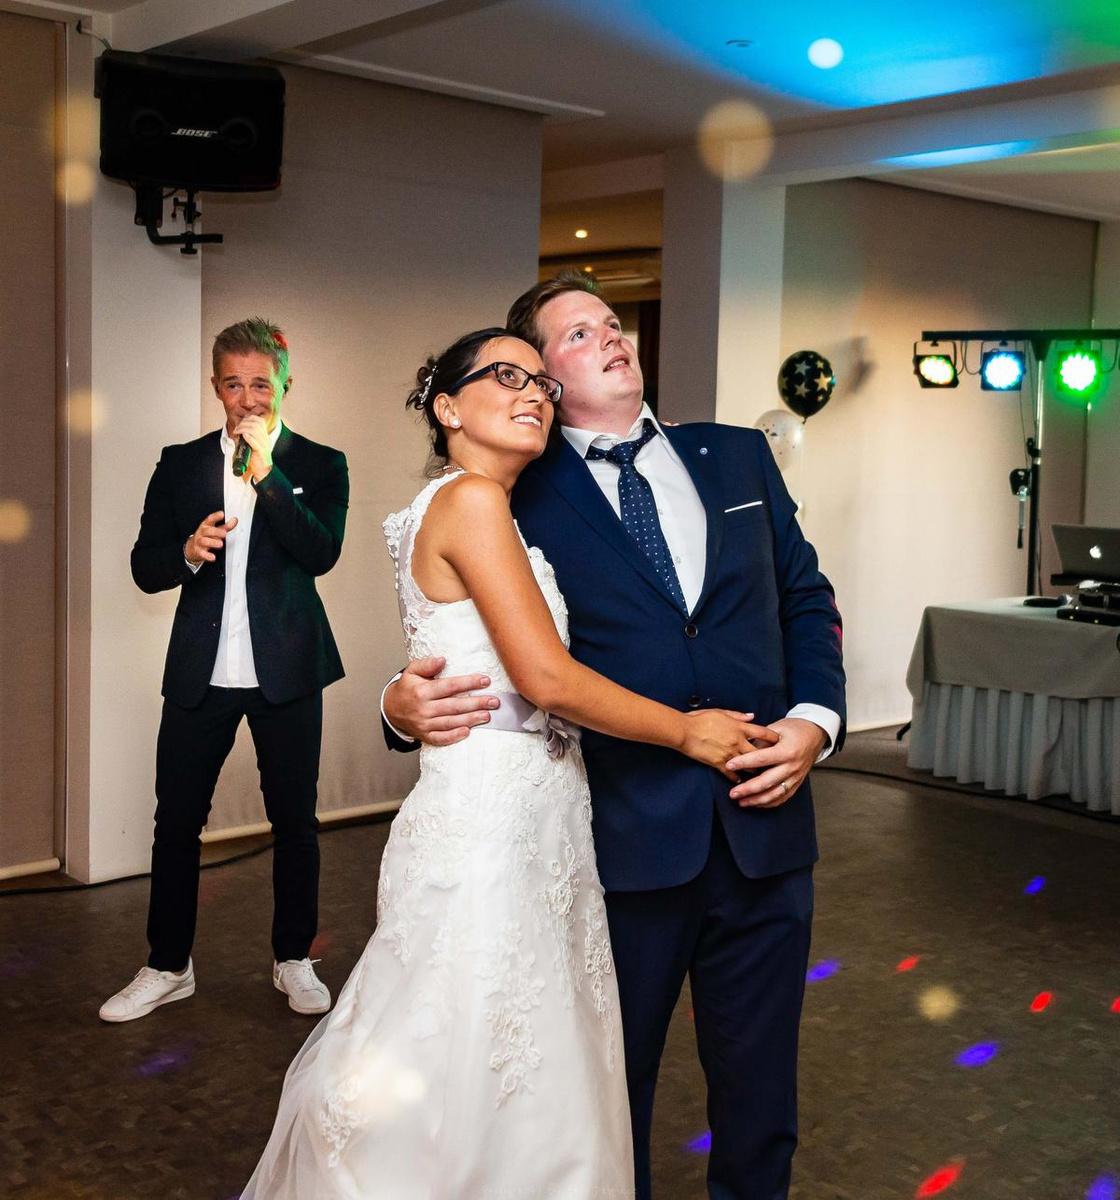 Christoff én Lindsay kwamen zingen op hun trouwfeest., DL